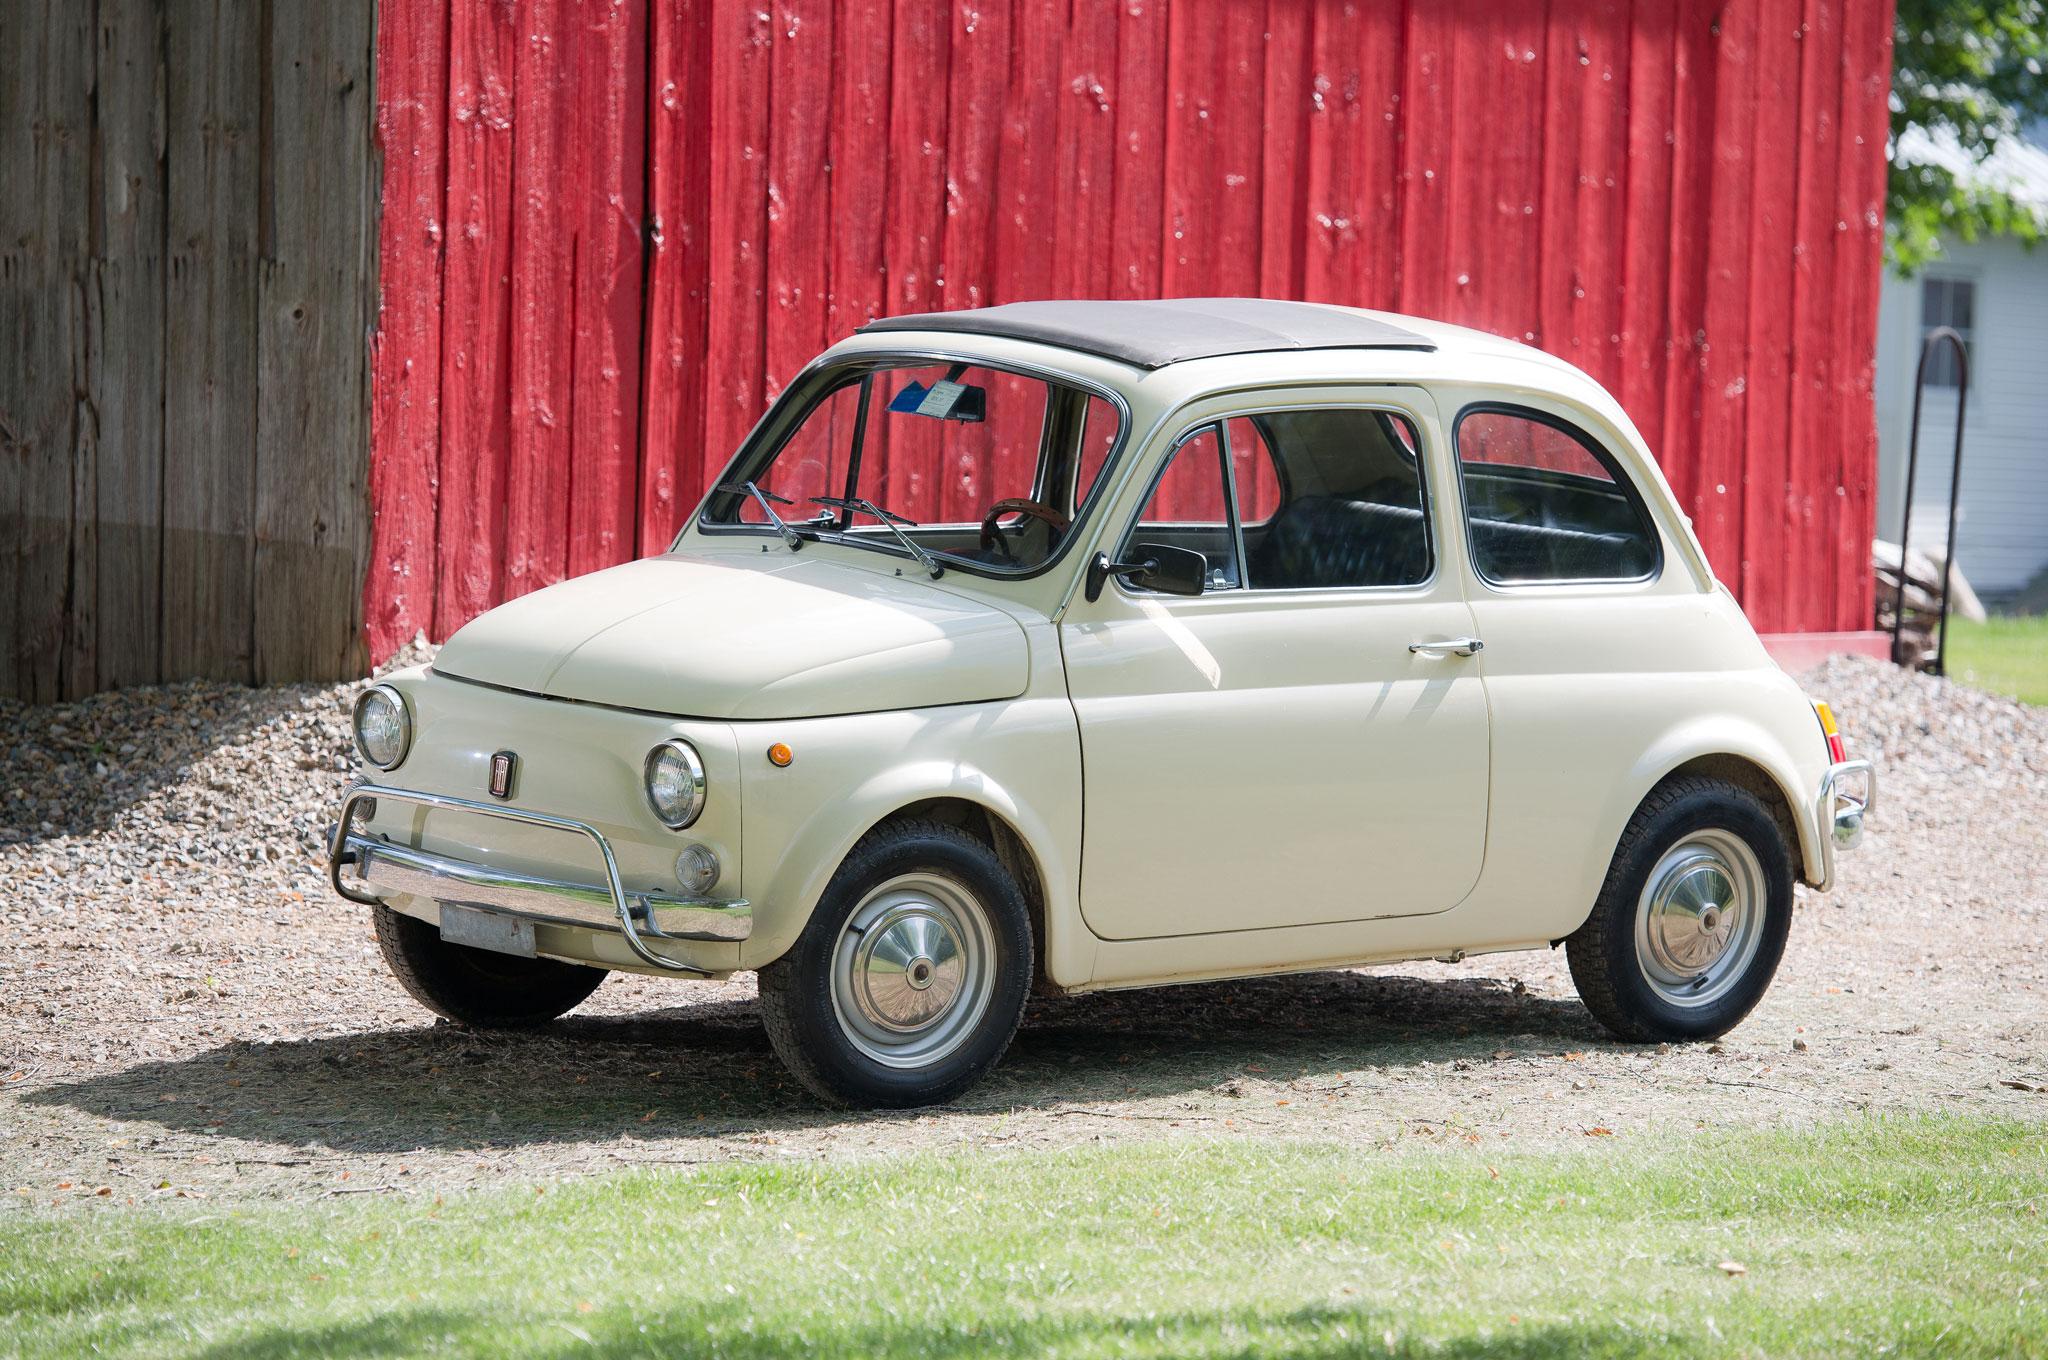 1970 Fiat 500L Two Door Sedan Front Left Side View1